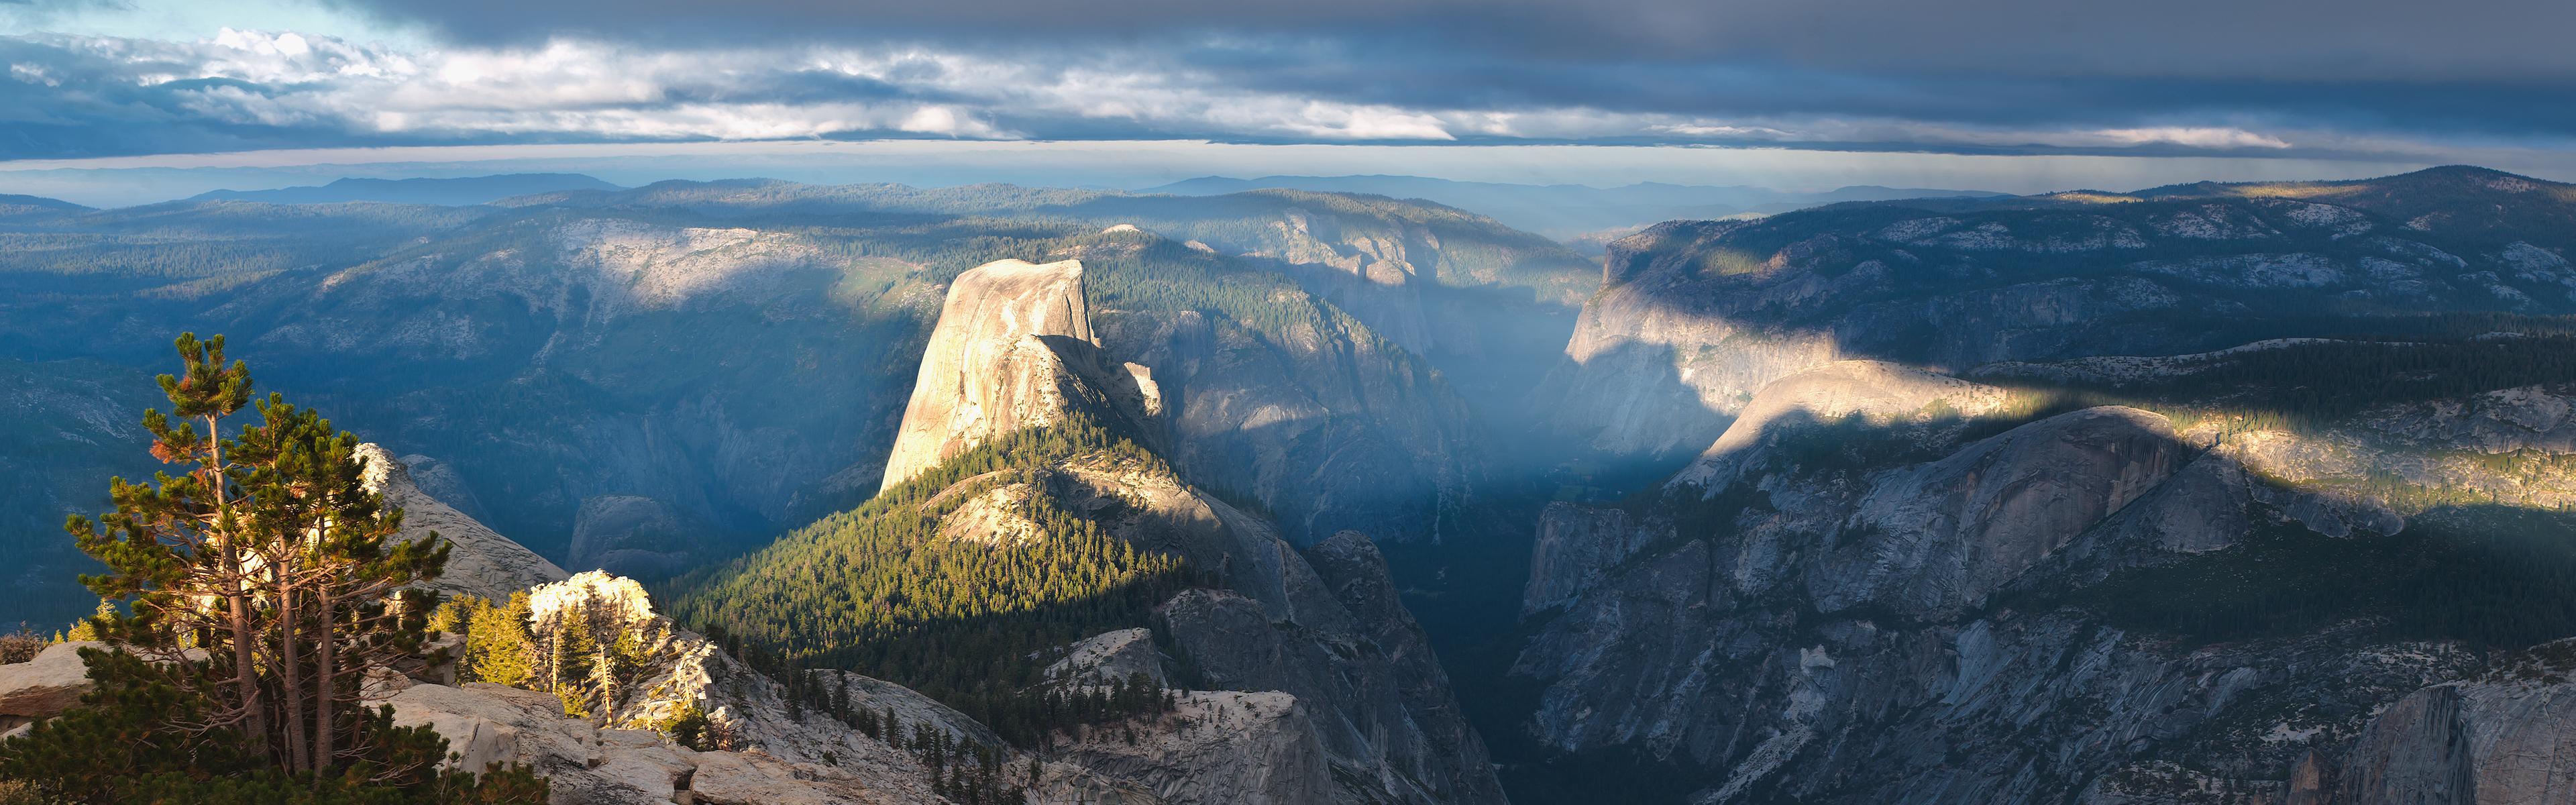 горы скалы небо облака высота природа  № 3352076 загрузить